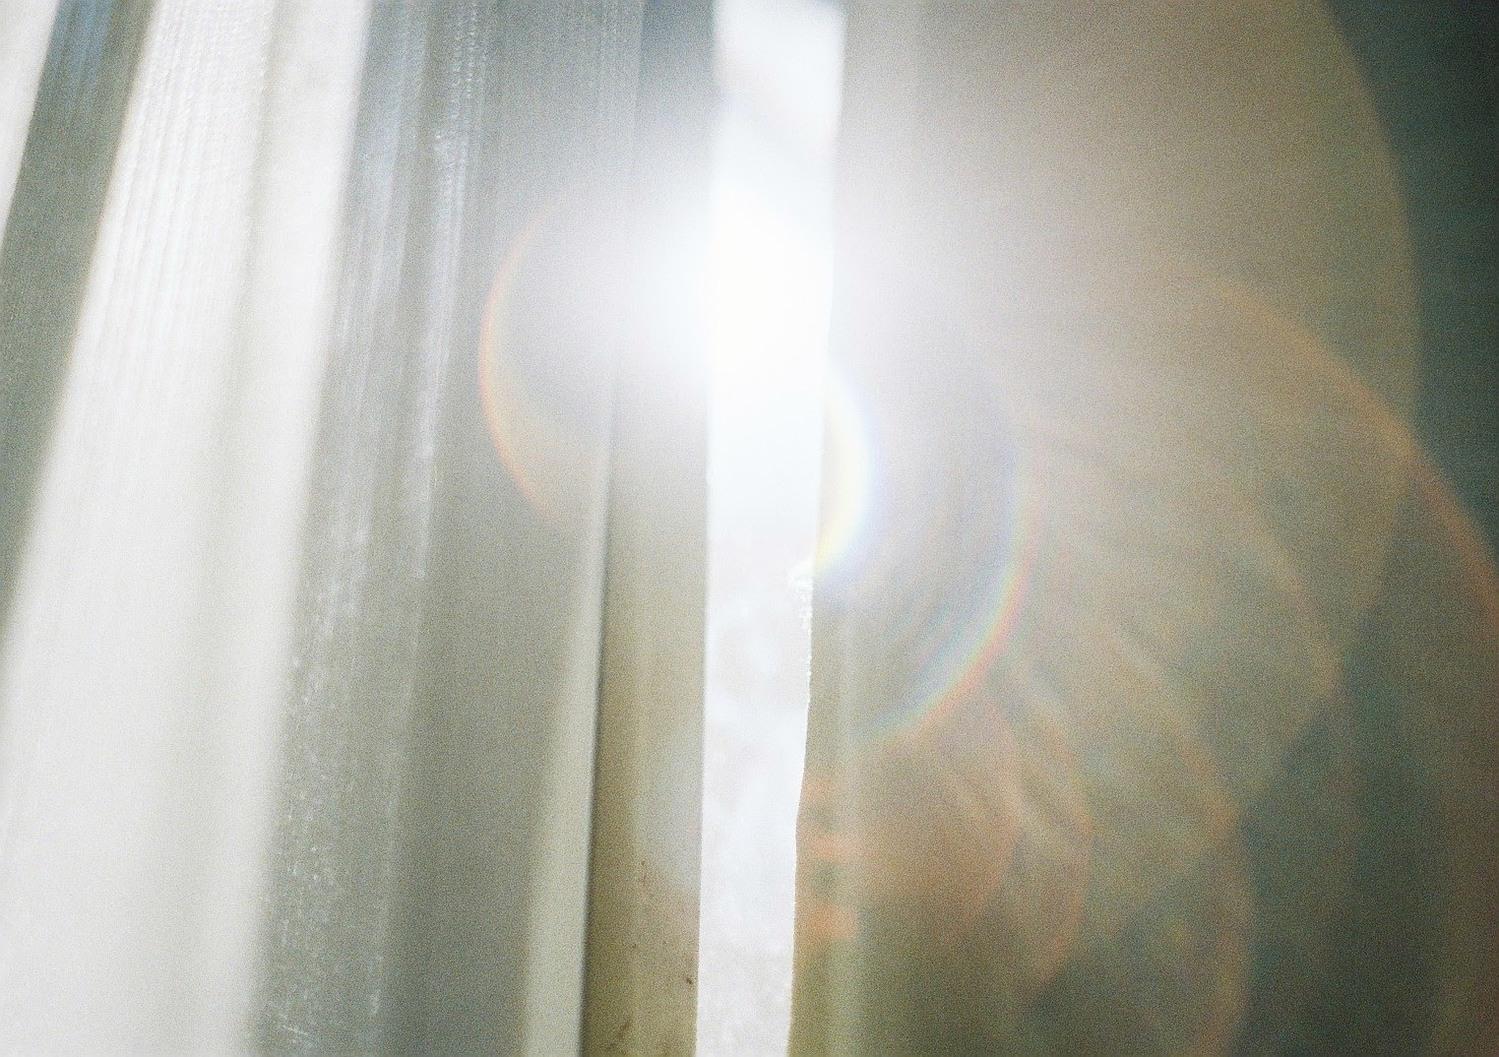 写真を撮る時に、光を上手に当てるためには?